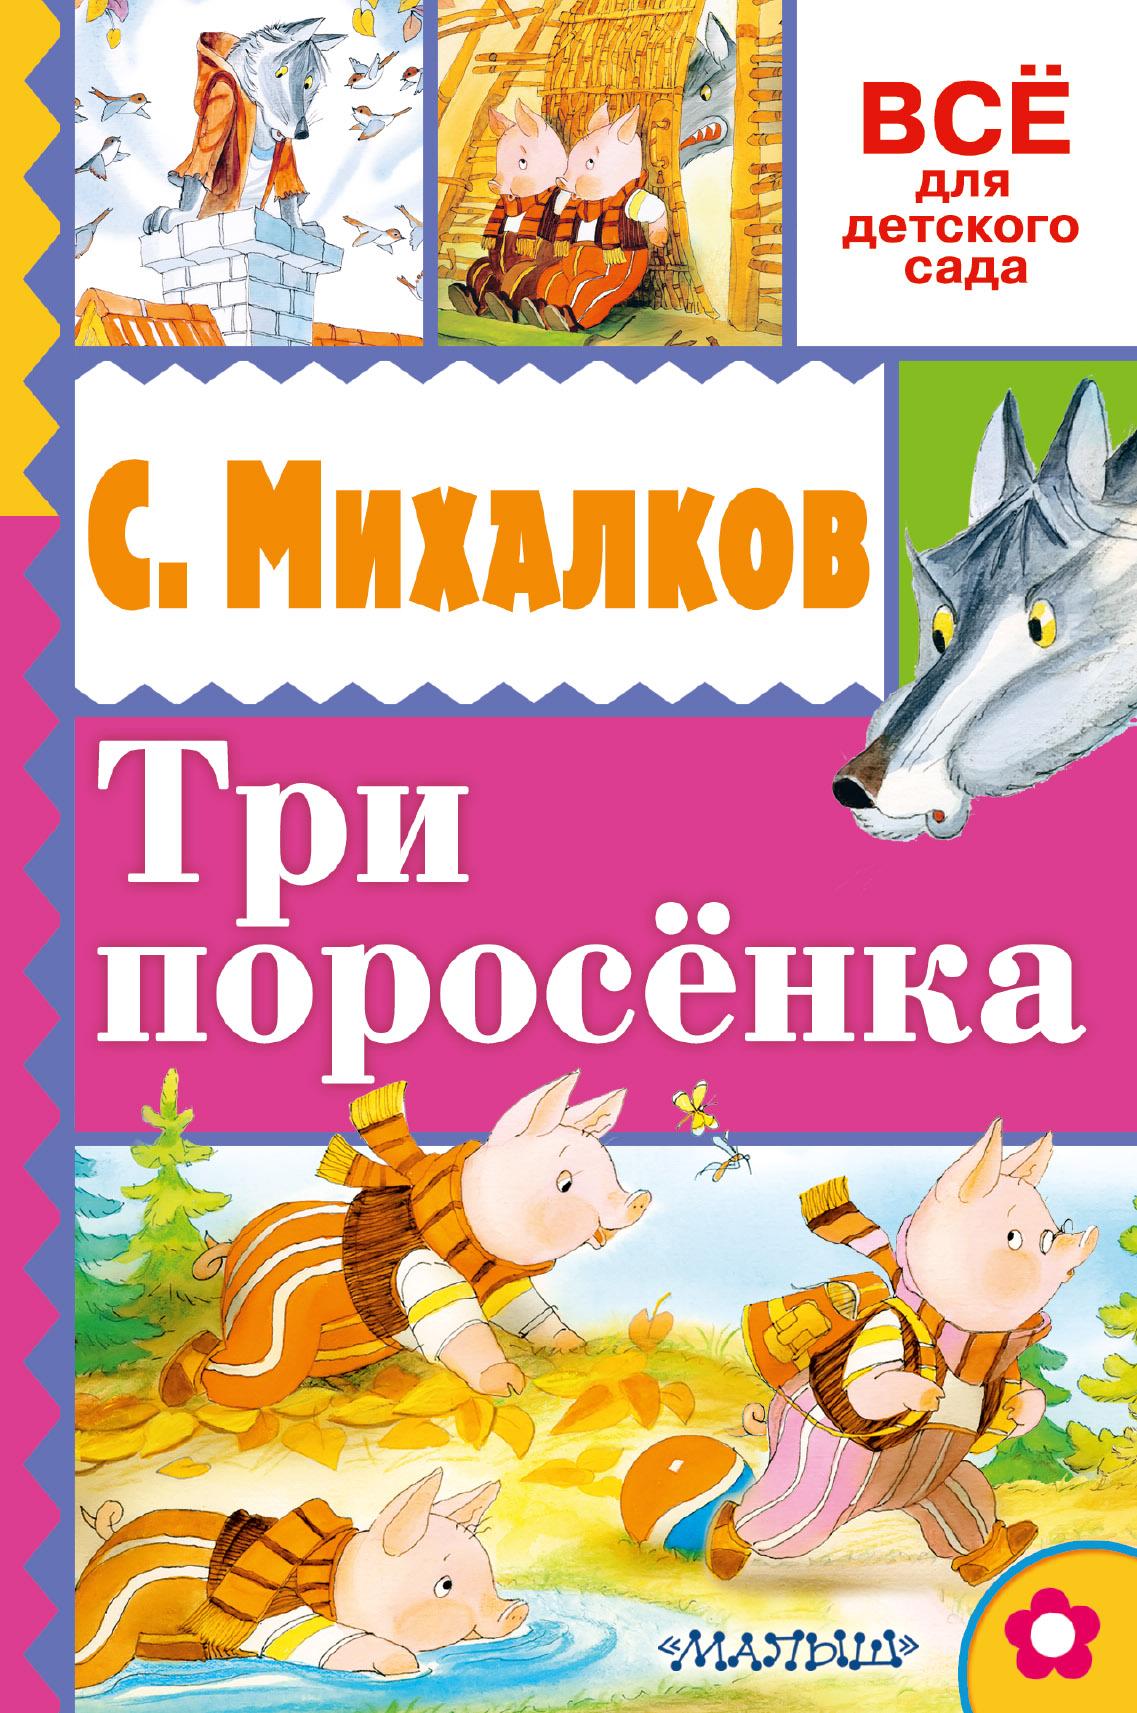 С. Михалков Три поросенка три поросенка и другие сказки книжка малышка